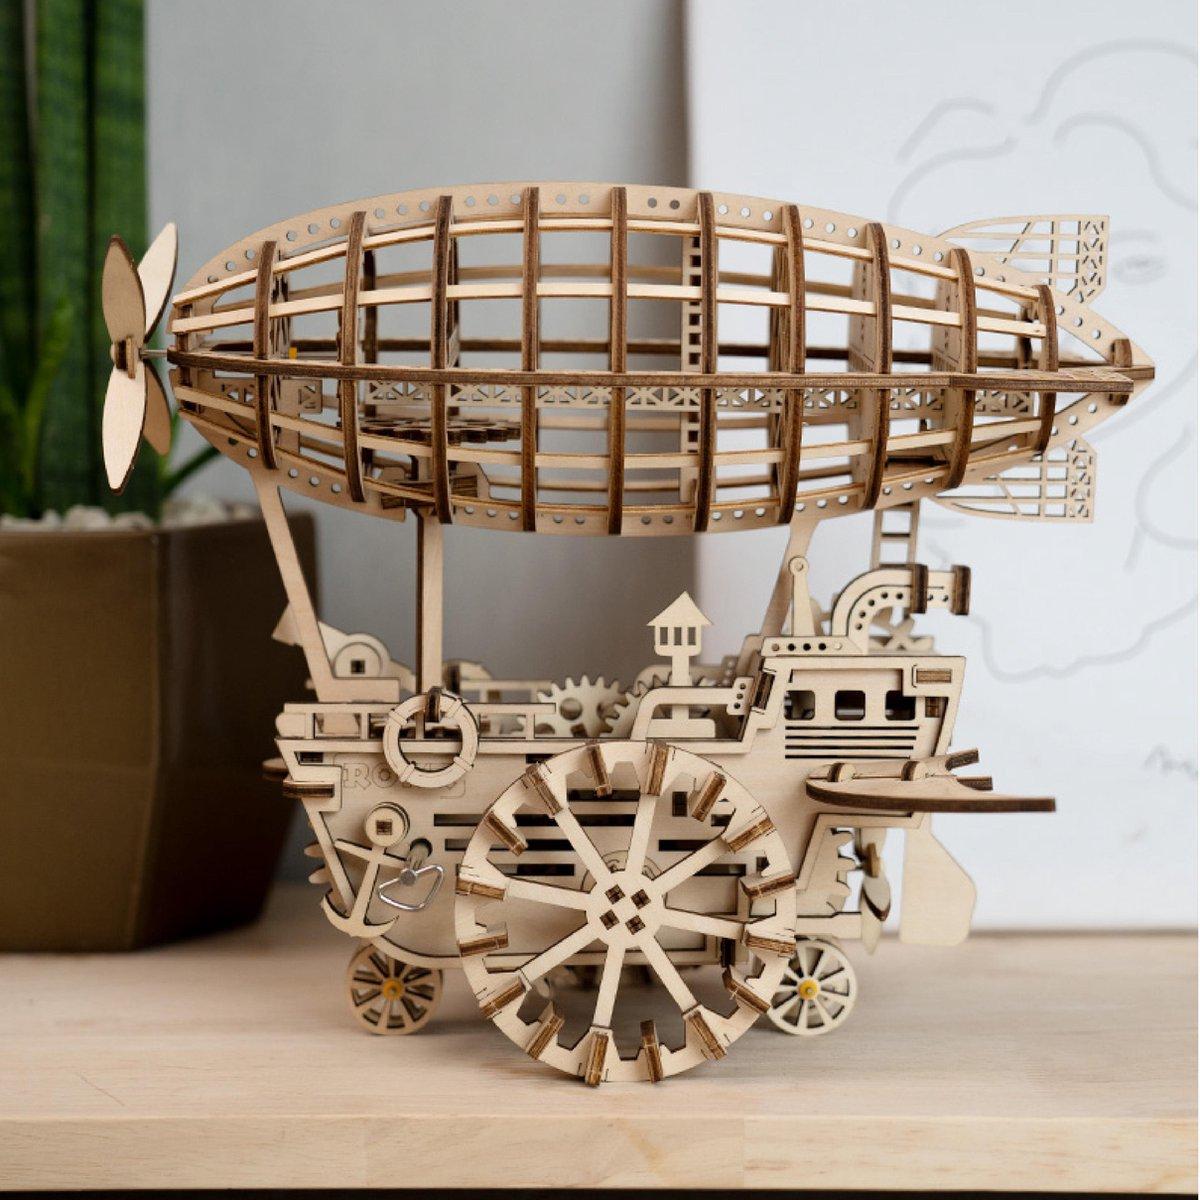 Robotime LK702 Zeppelin Modelbouwpakket|Puzzel|3D Puzzel|Houten puzzel